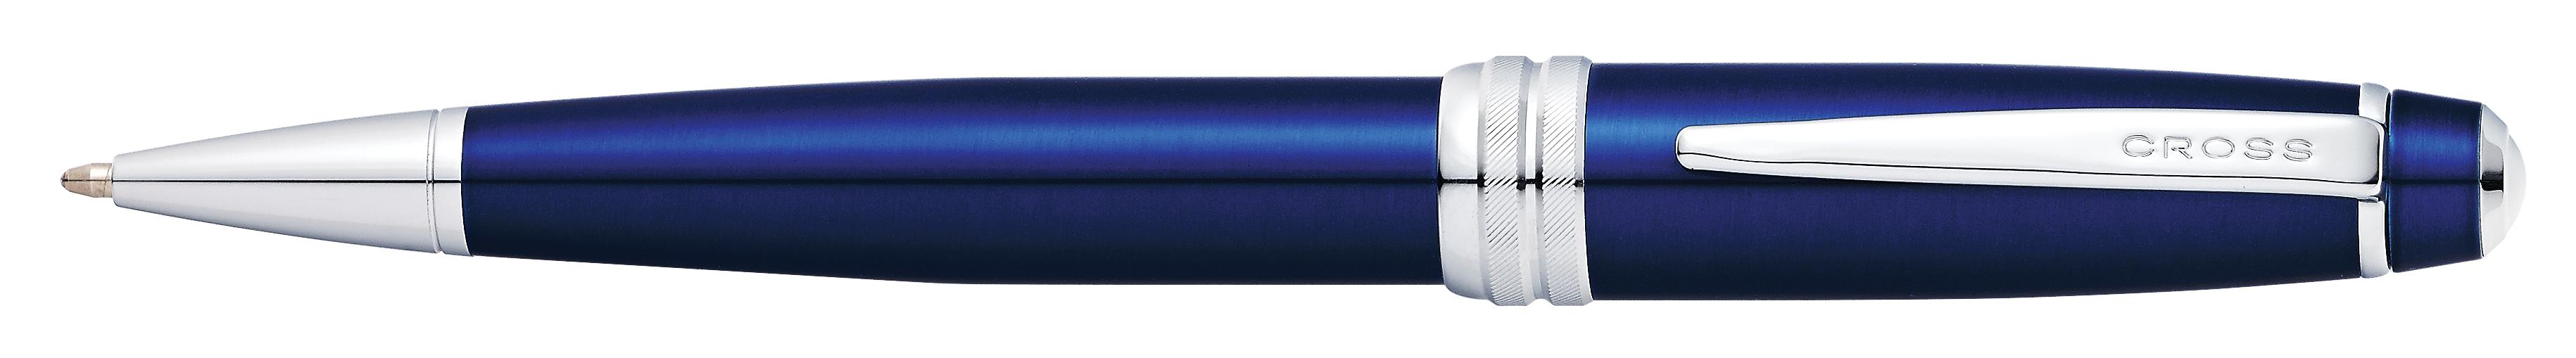 Bailey Blue Lacquer Ballpoint Pen (self-serve box)